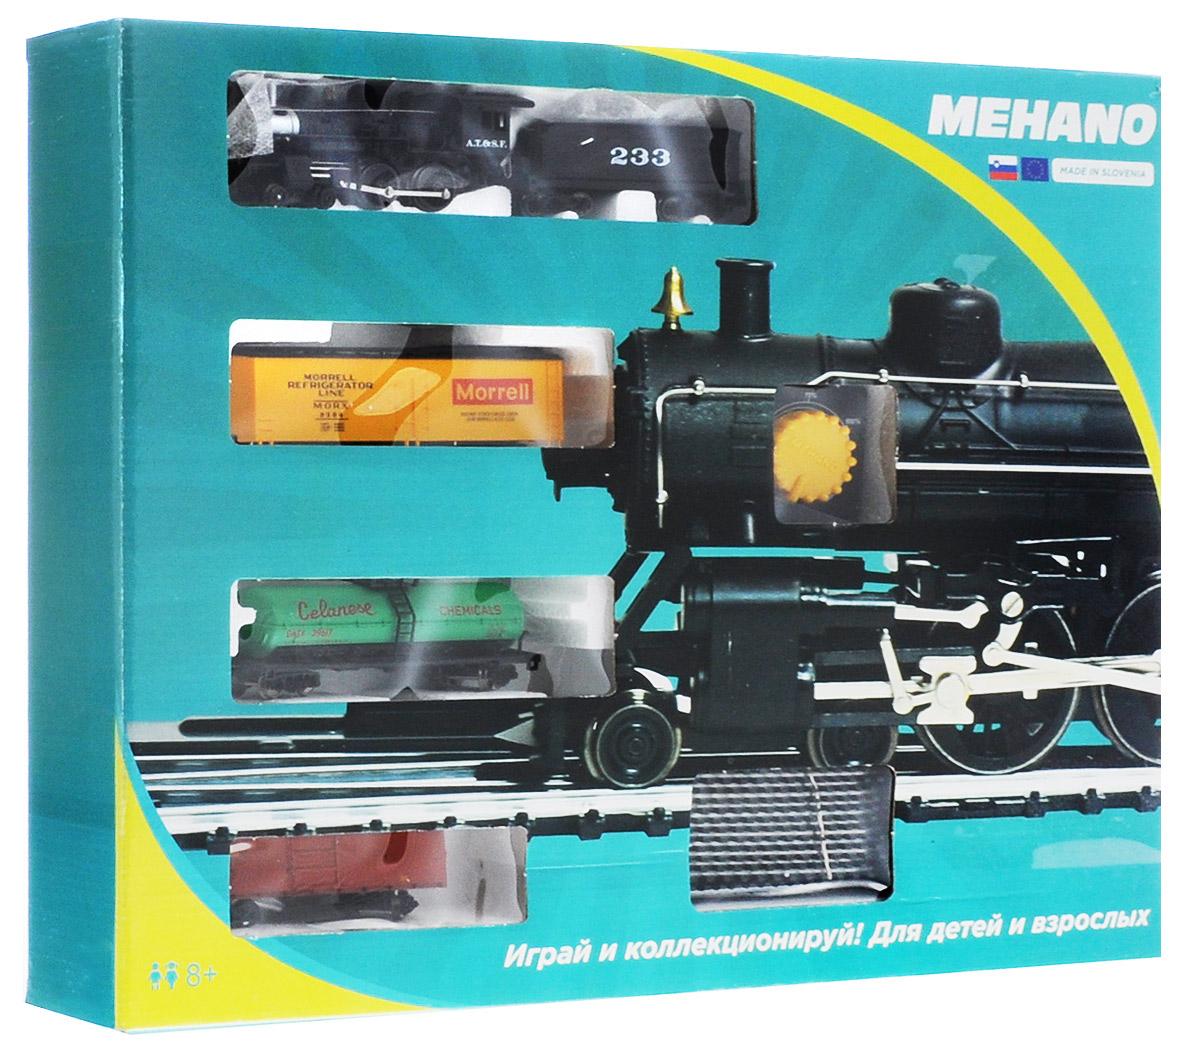 Mehano Железная дорога Hobby с паровозом AT&SF